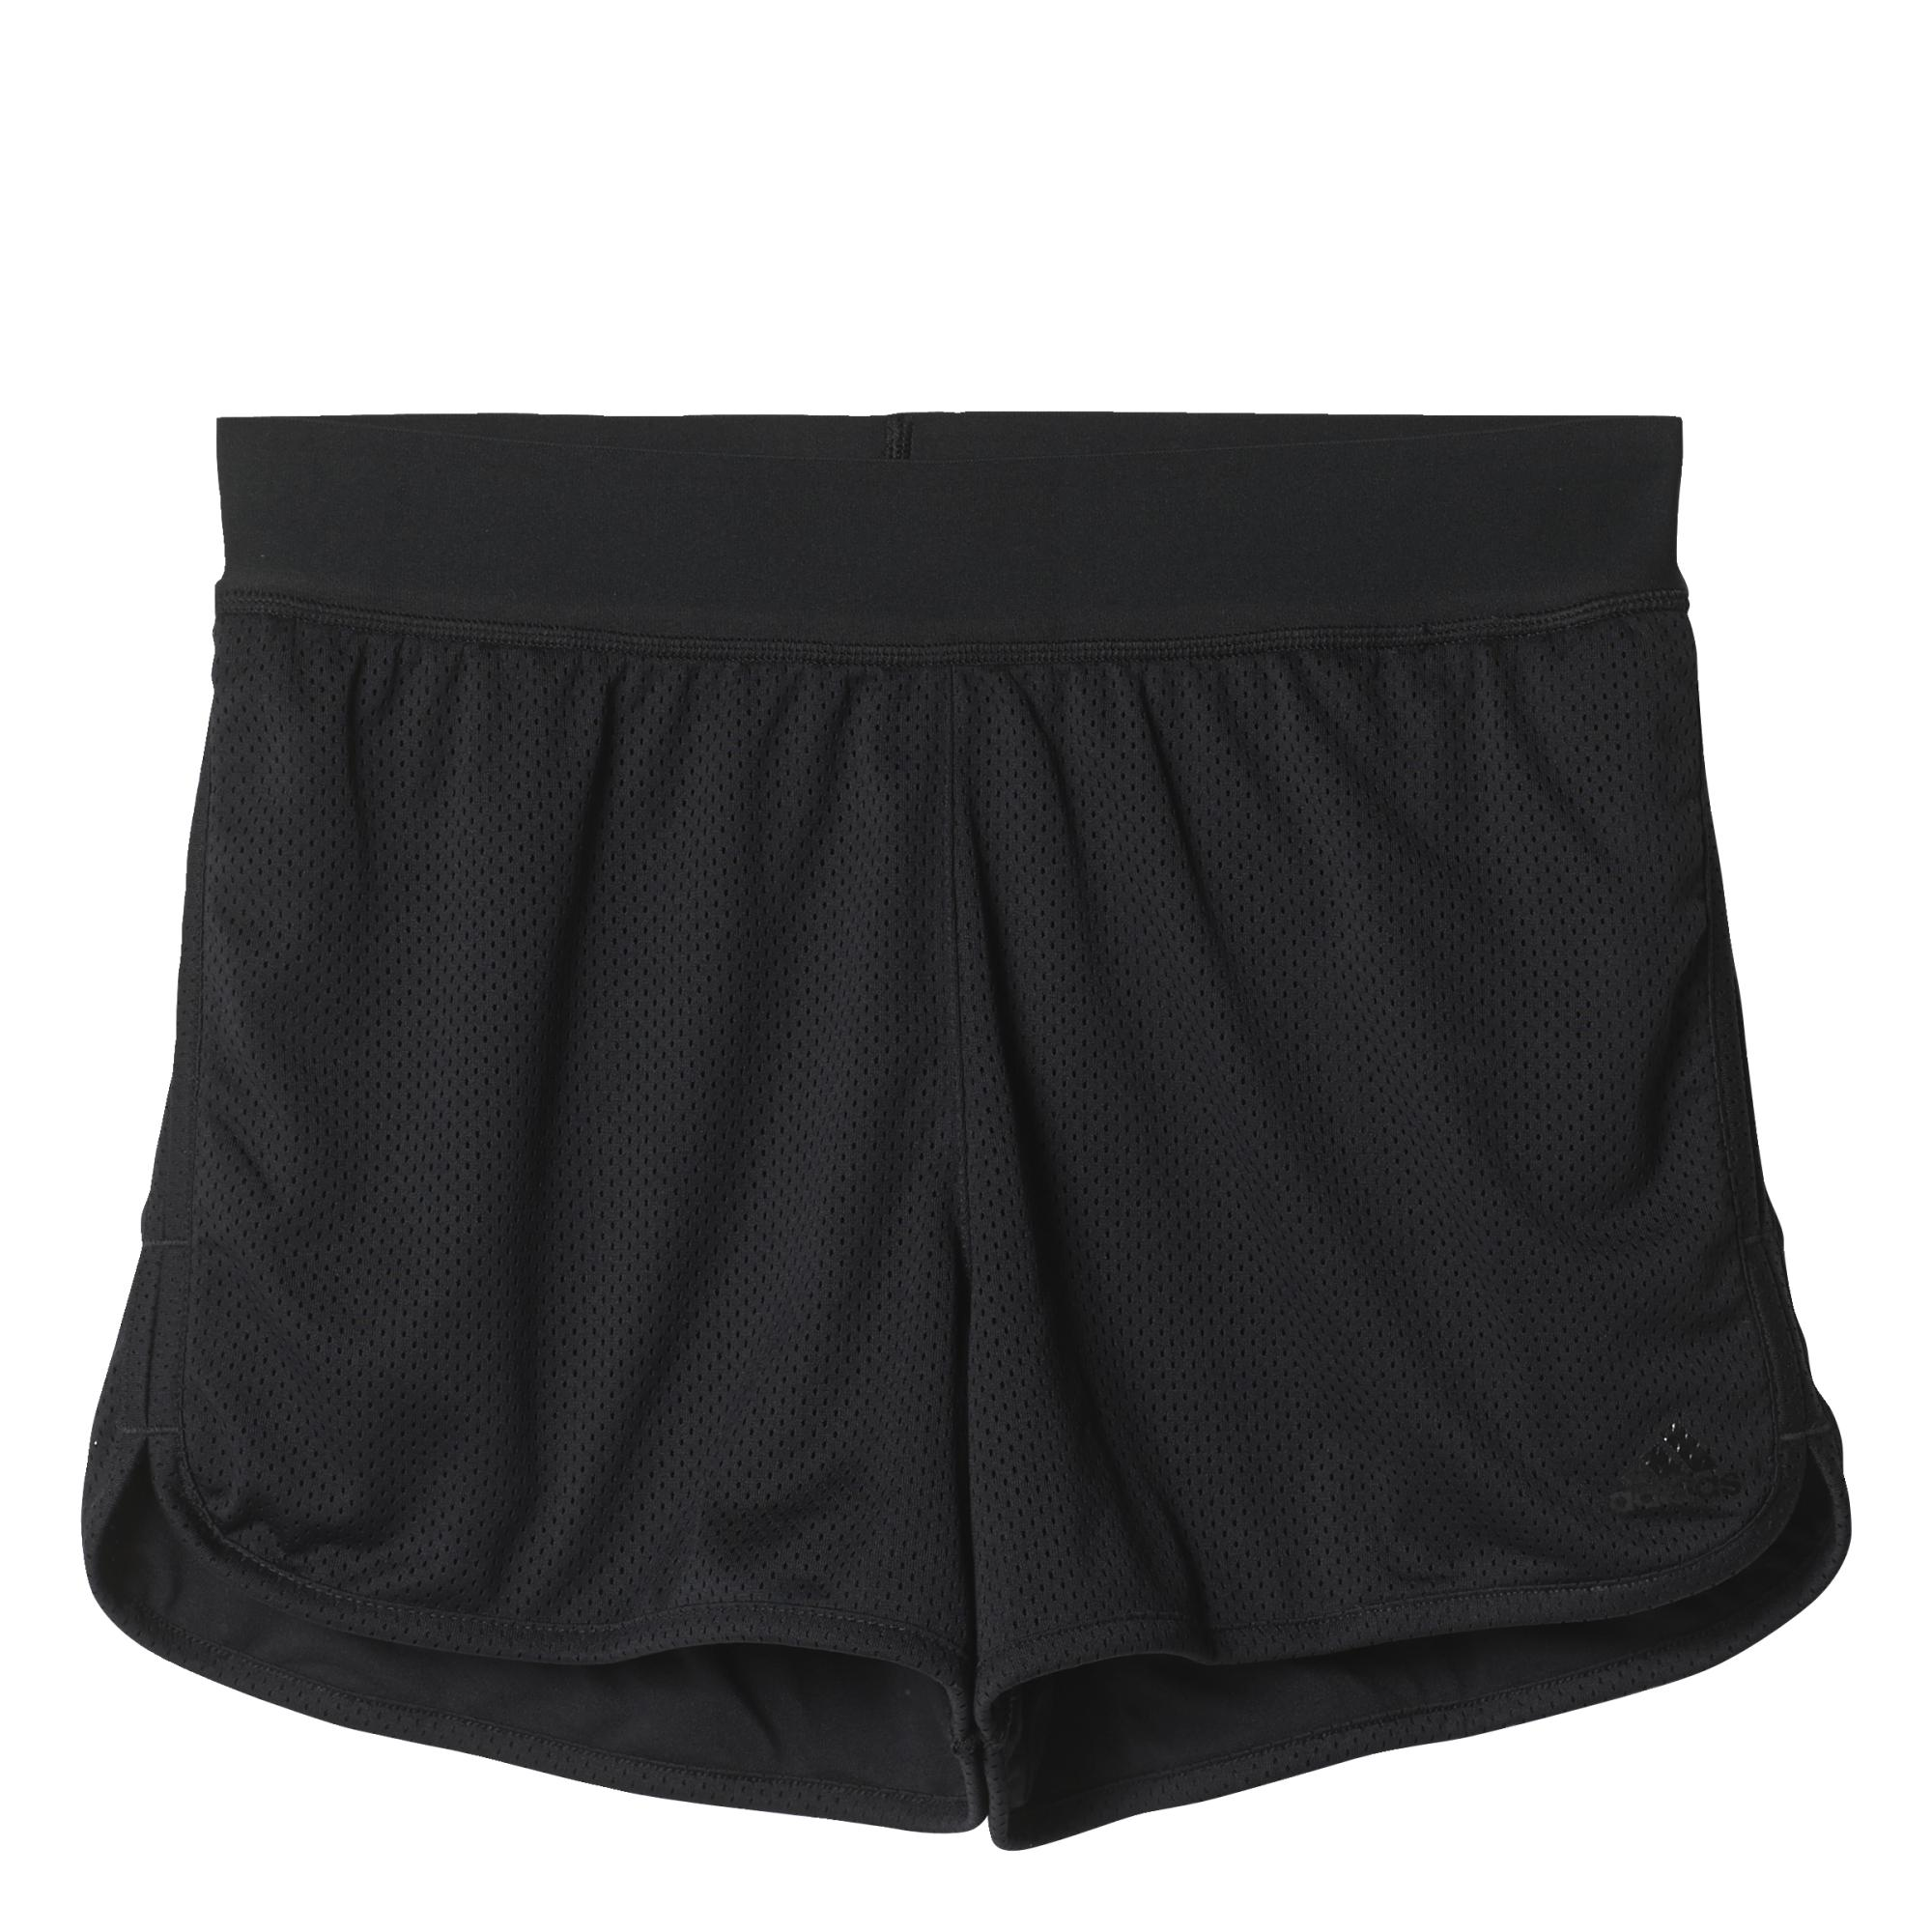 《精選服飾↘市價65折》Adidas Mesh Shorts 女裝 短褲 慢跑 排汗 透氣 內裡 黑 【運動世界】 AJ6362